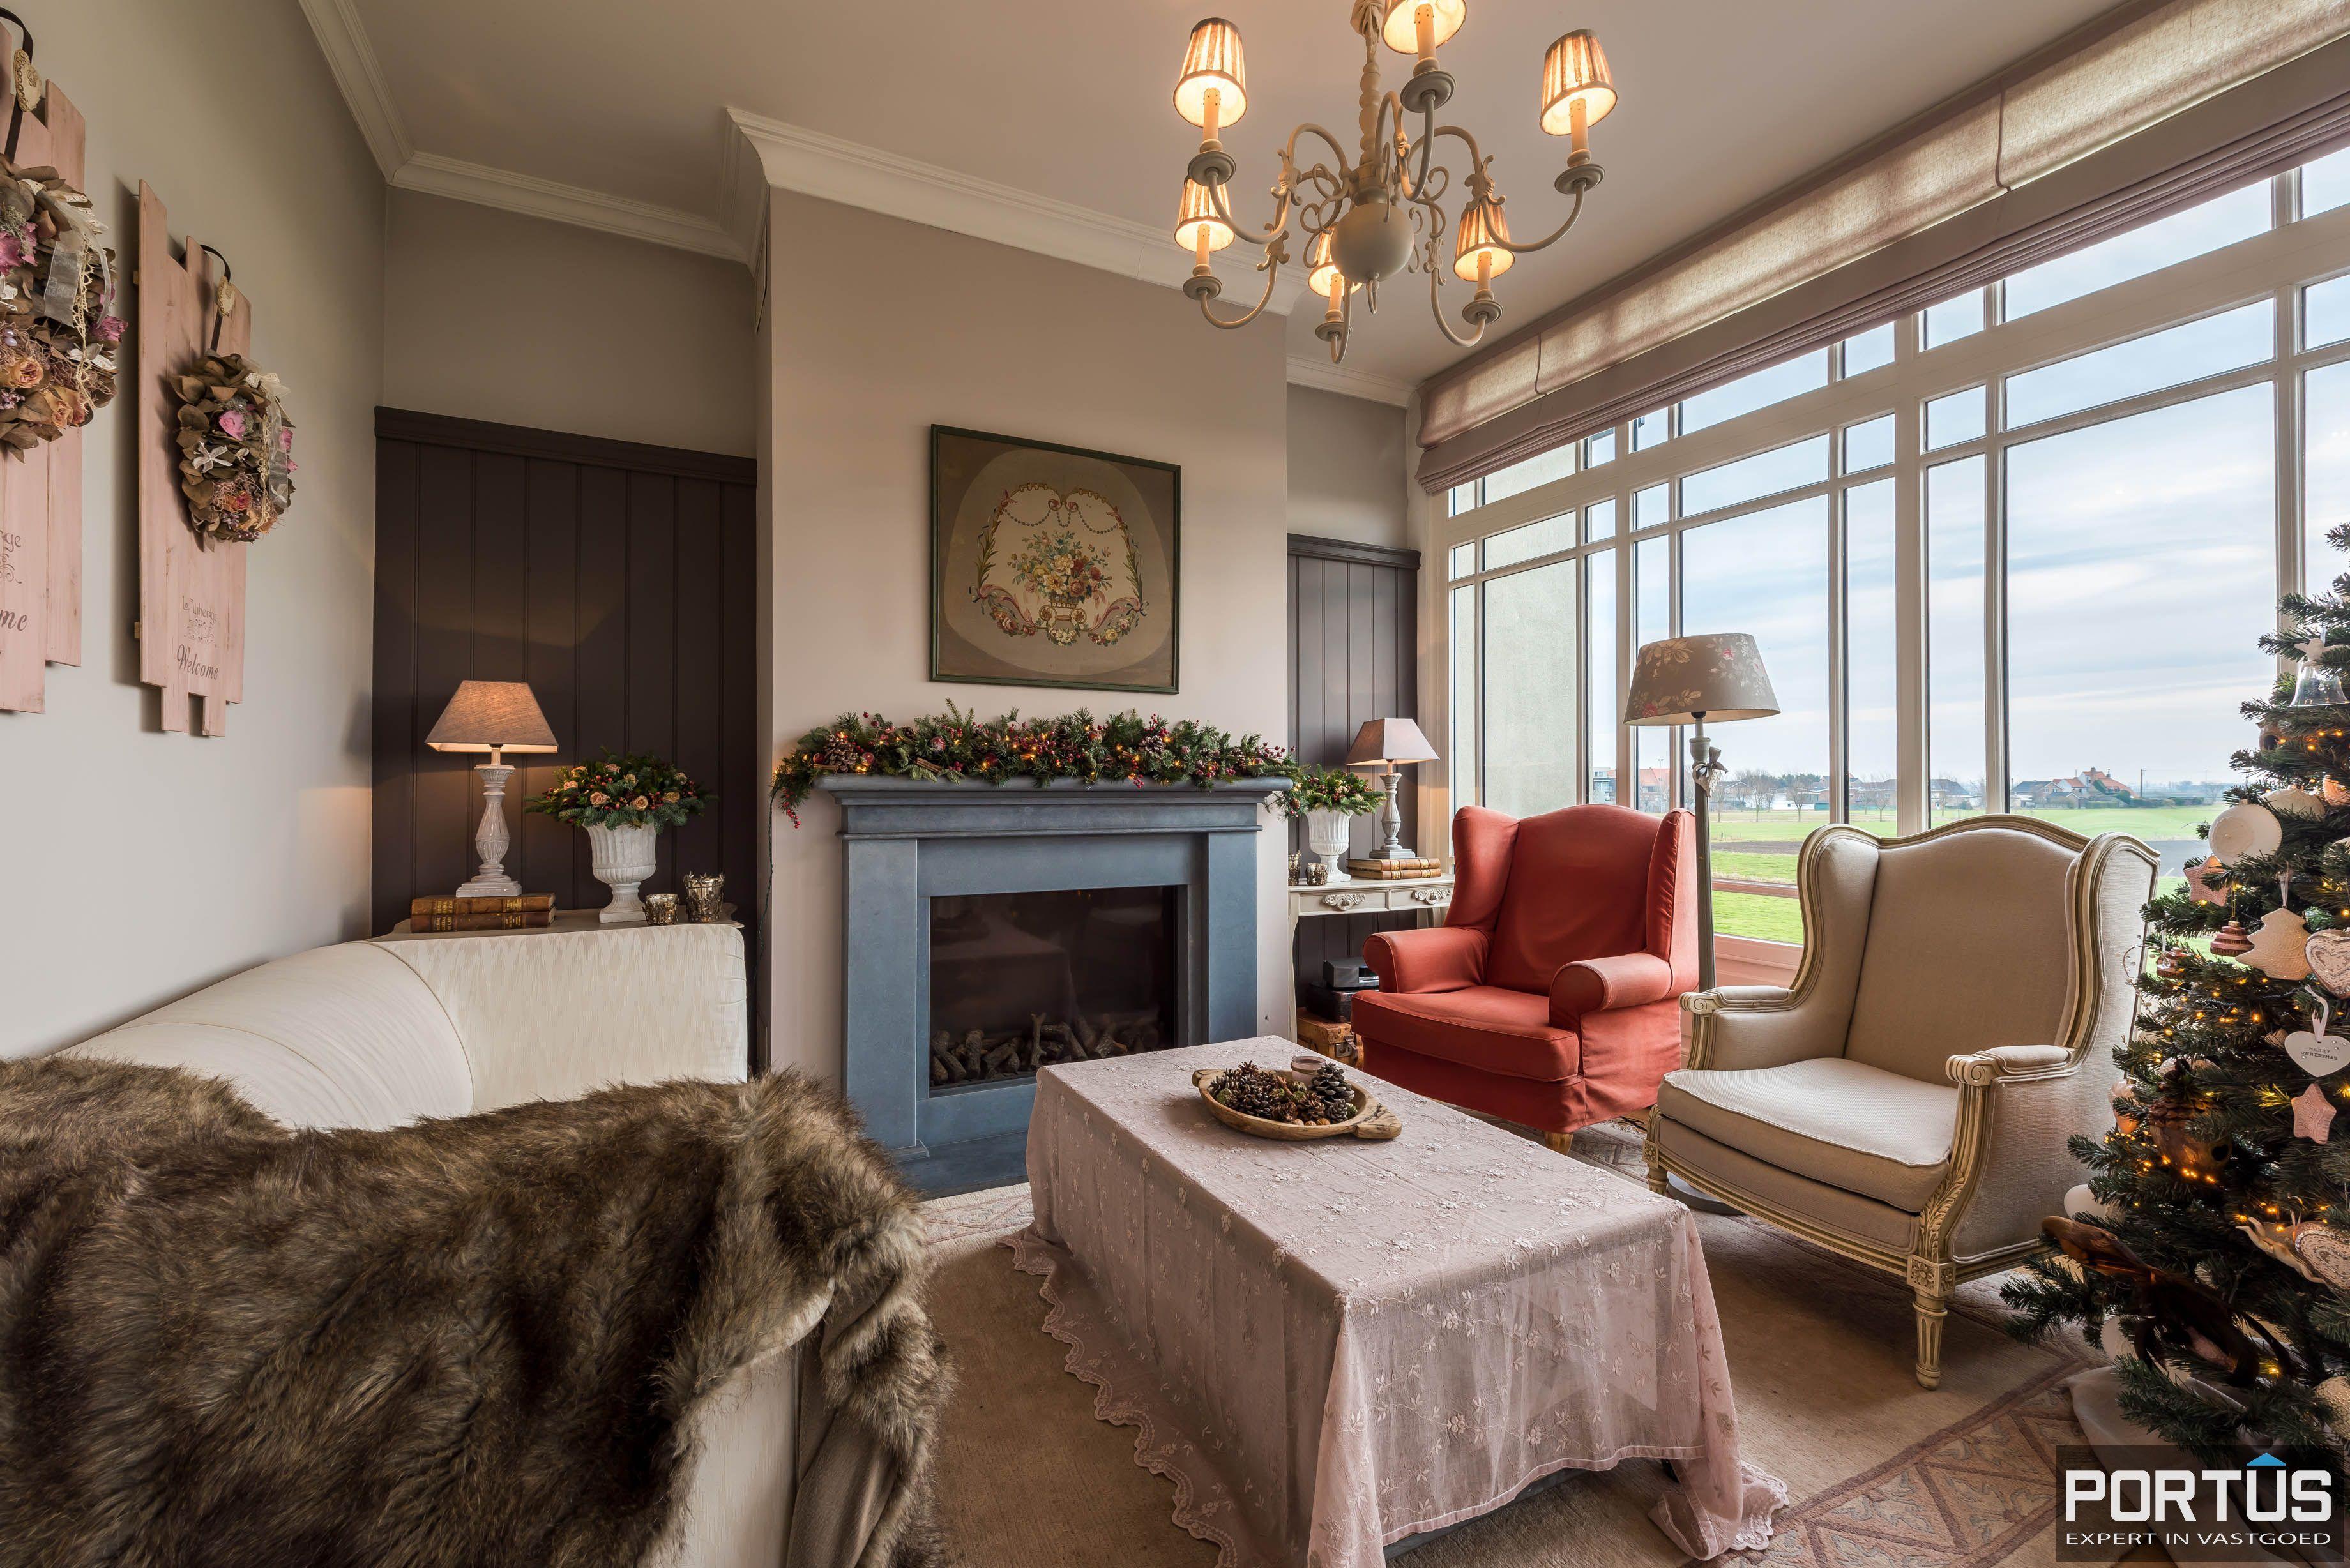 Villa/B&B te koop Westende met 6 slaapkamers - 5423